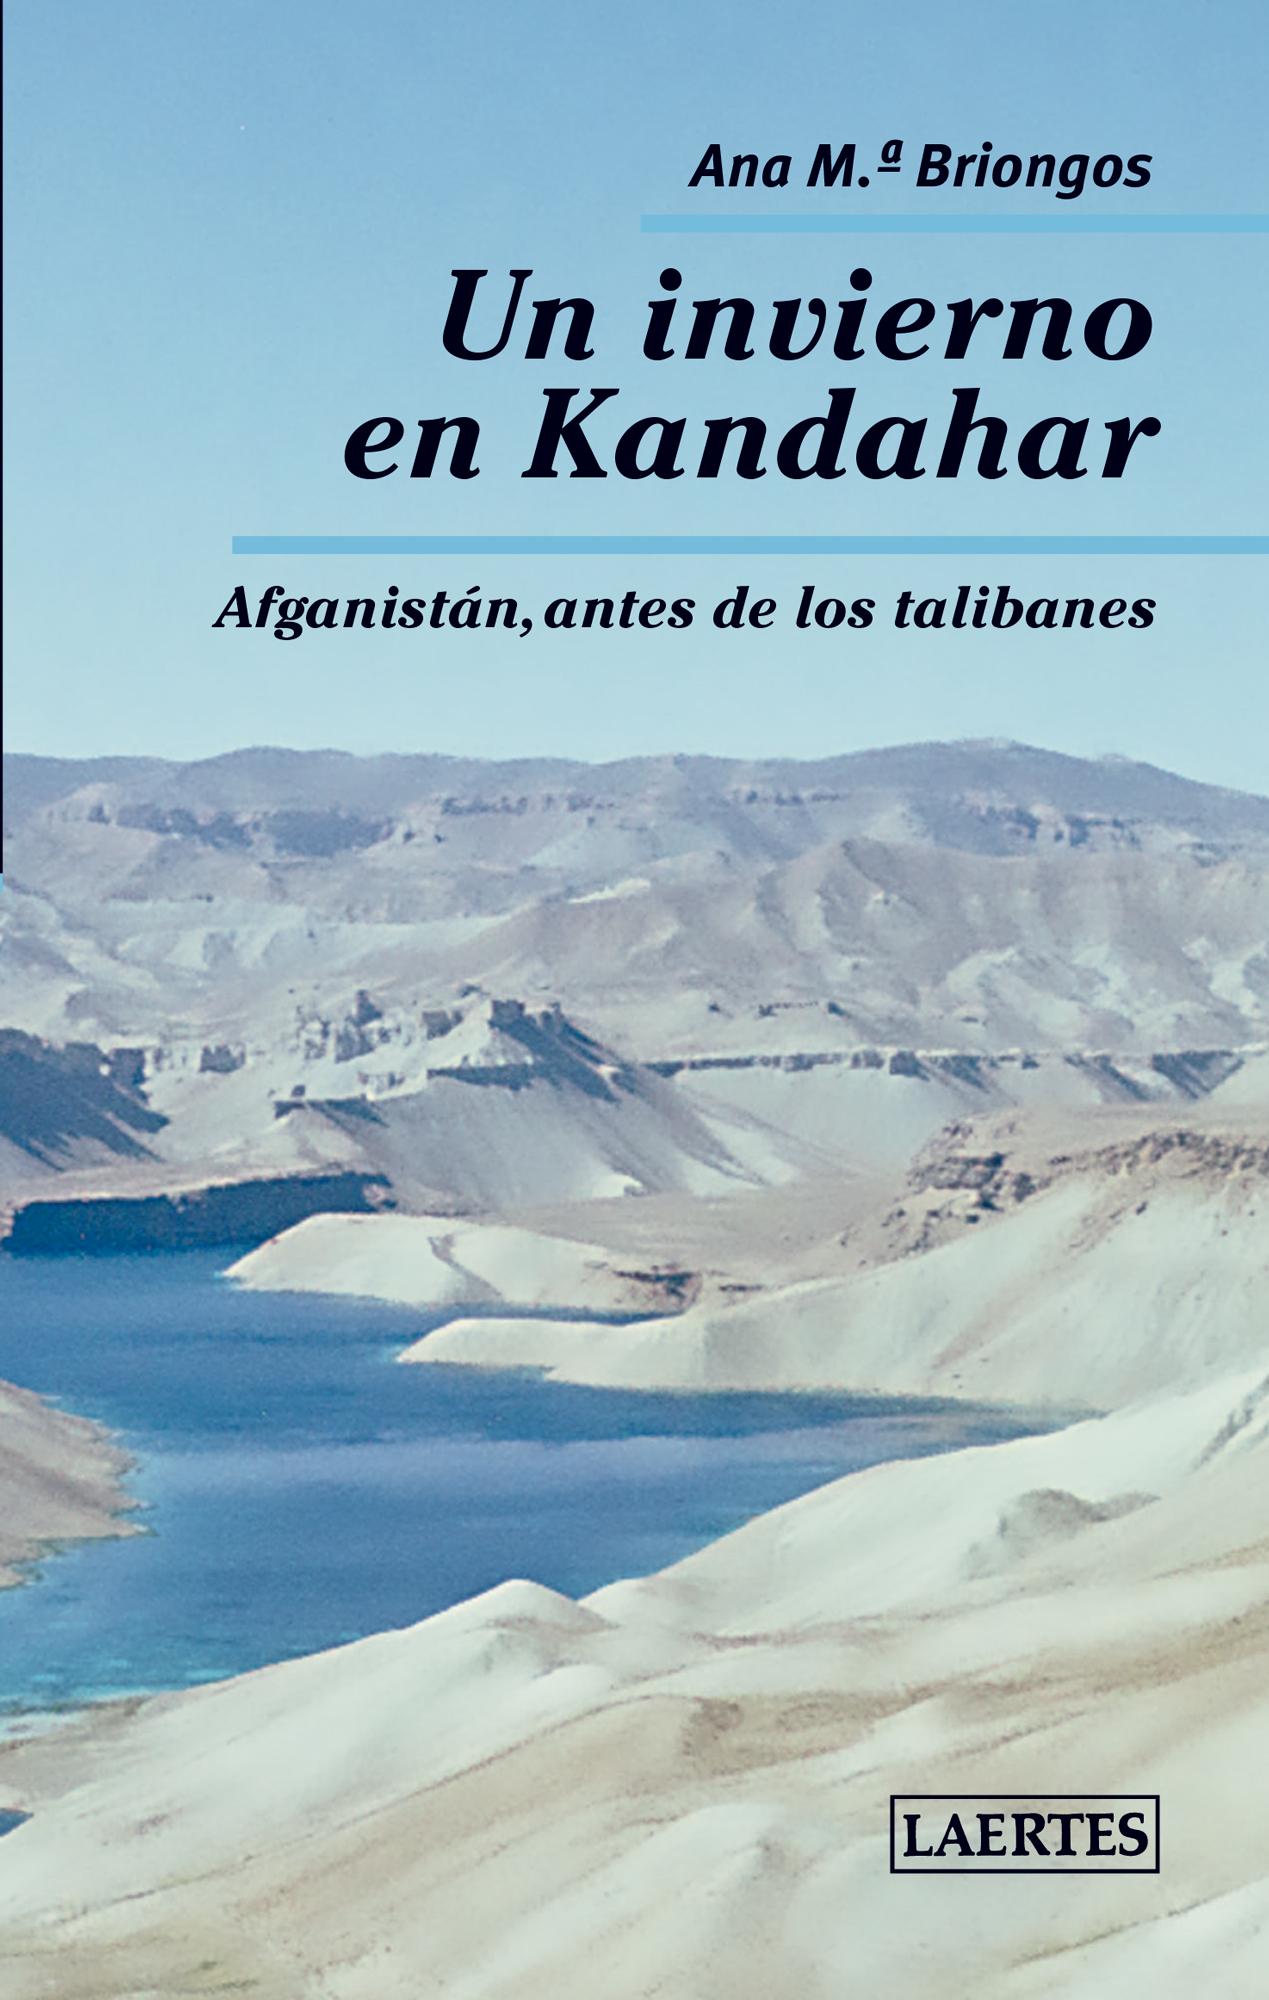 Un invierno en Kandahar   «Afganistán, antes de los talibanes»